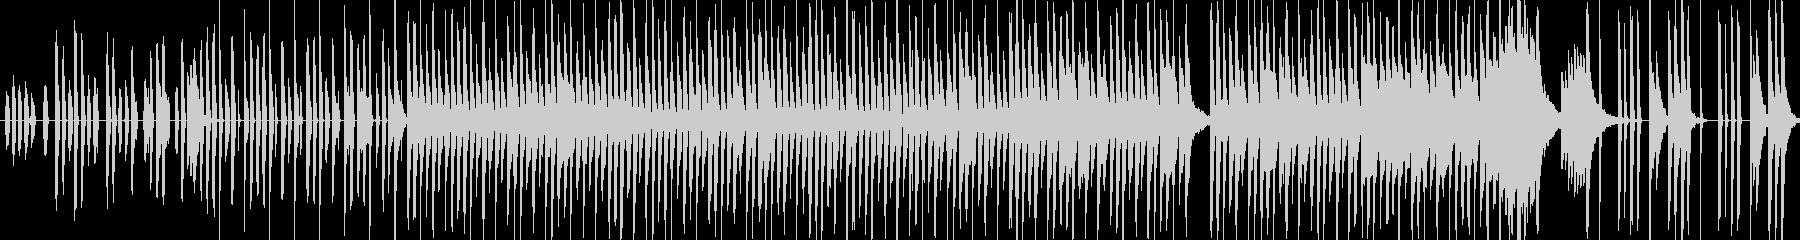 コンピュータゲーム音楽の未再生の波形